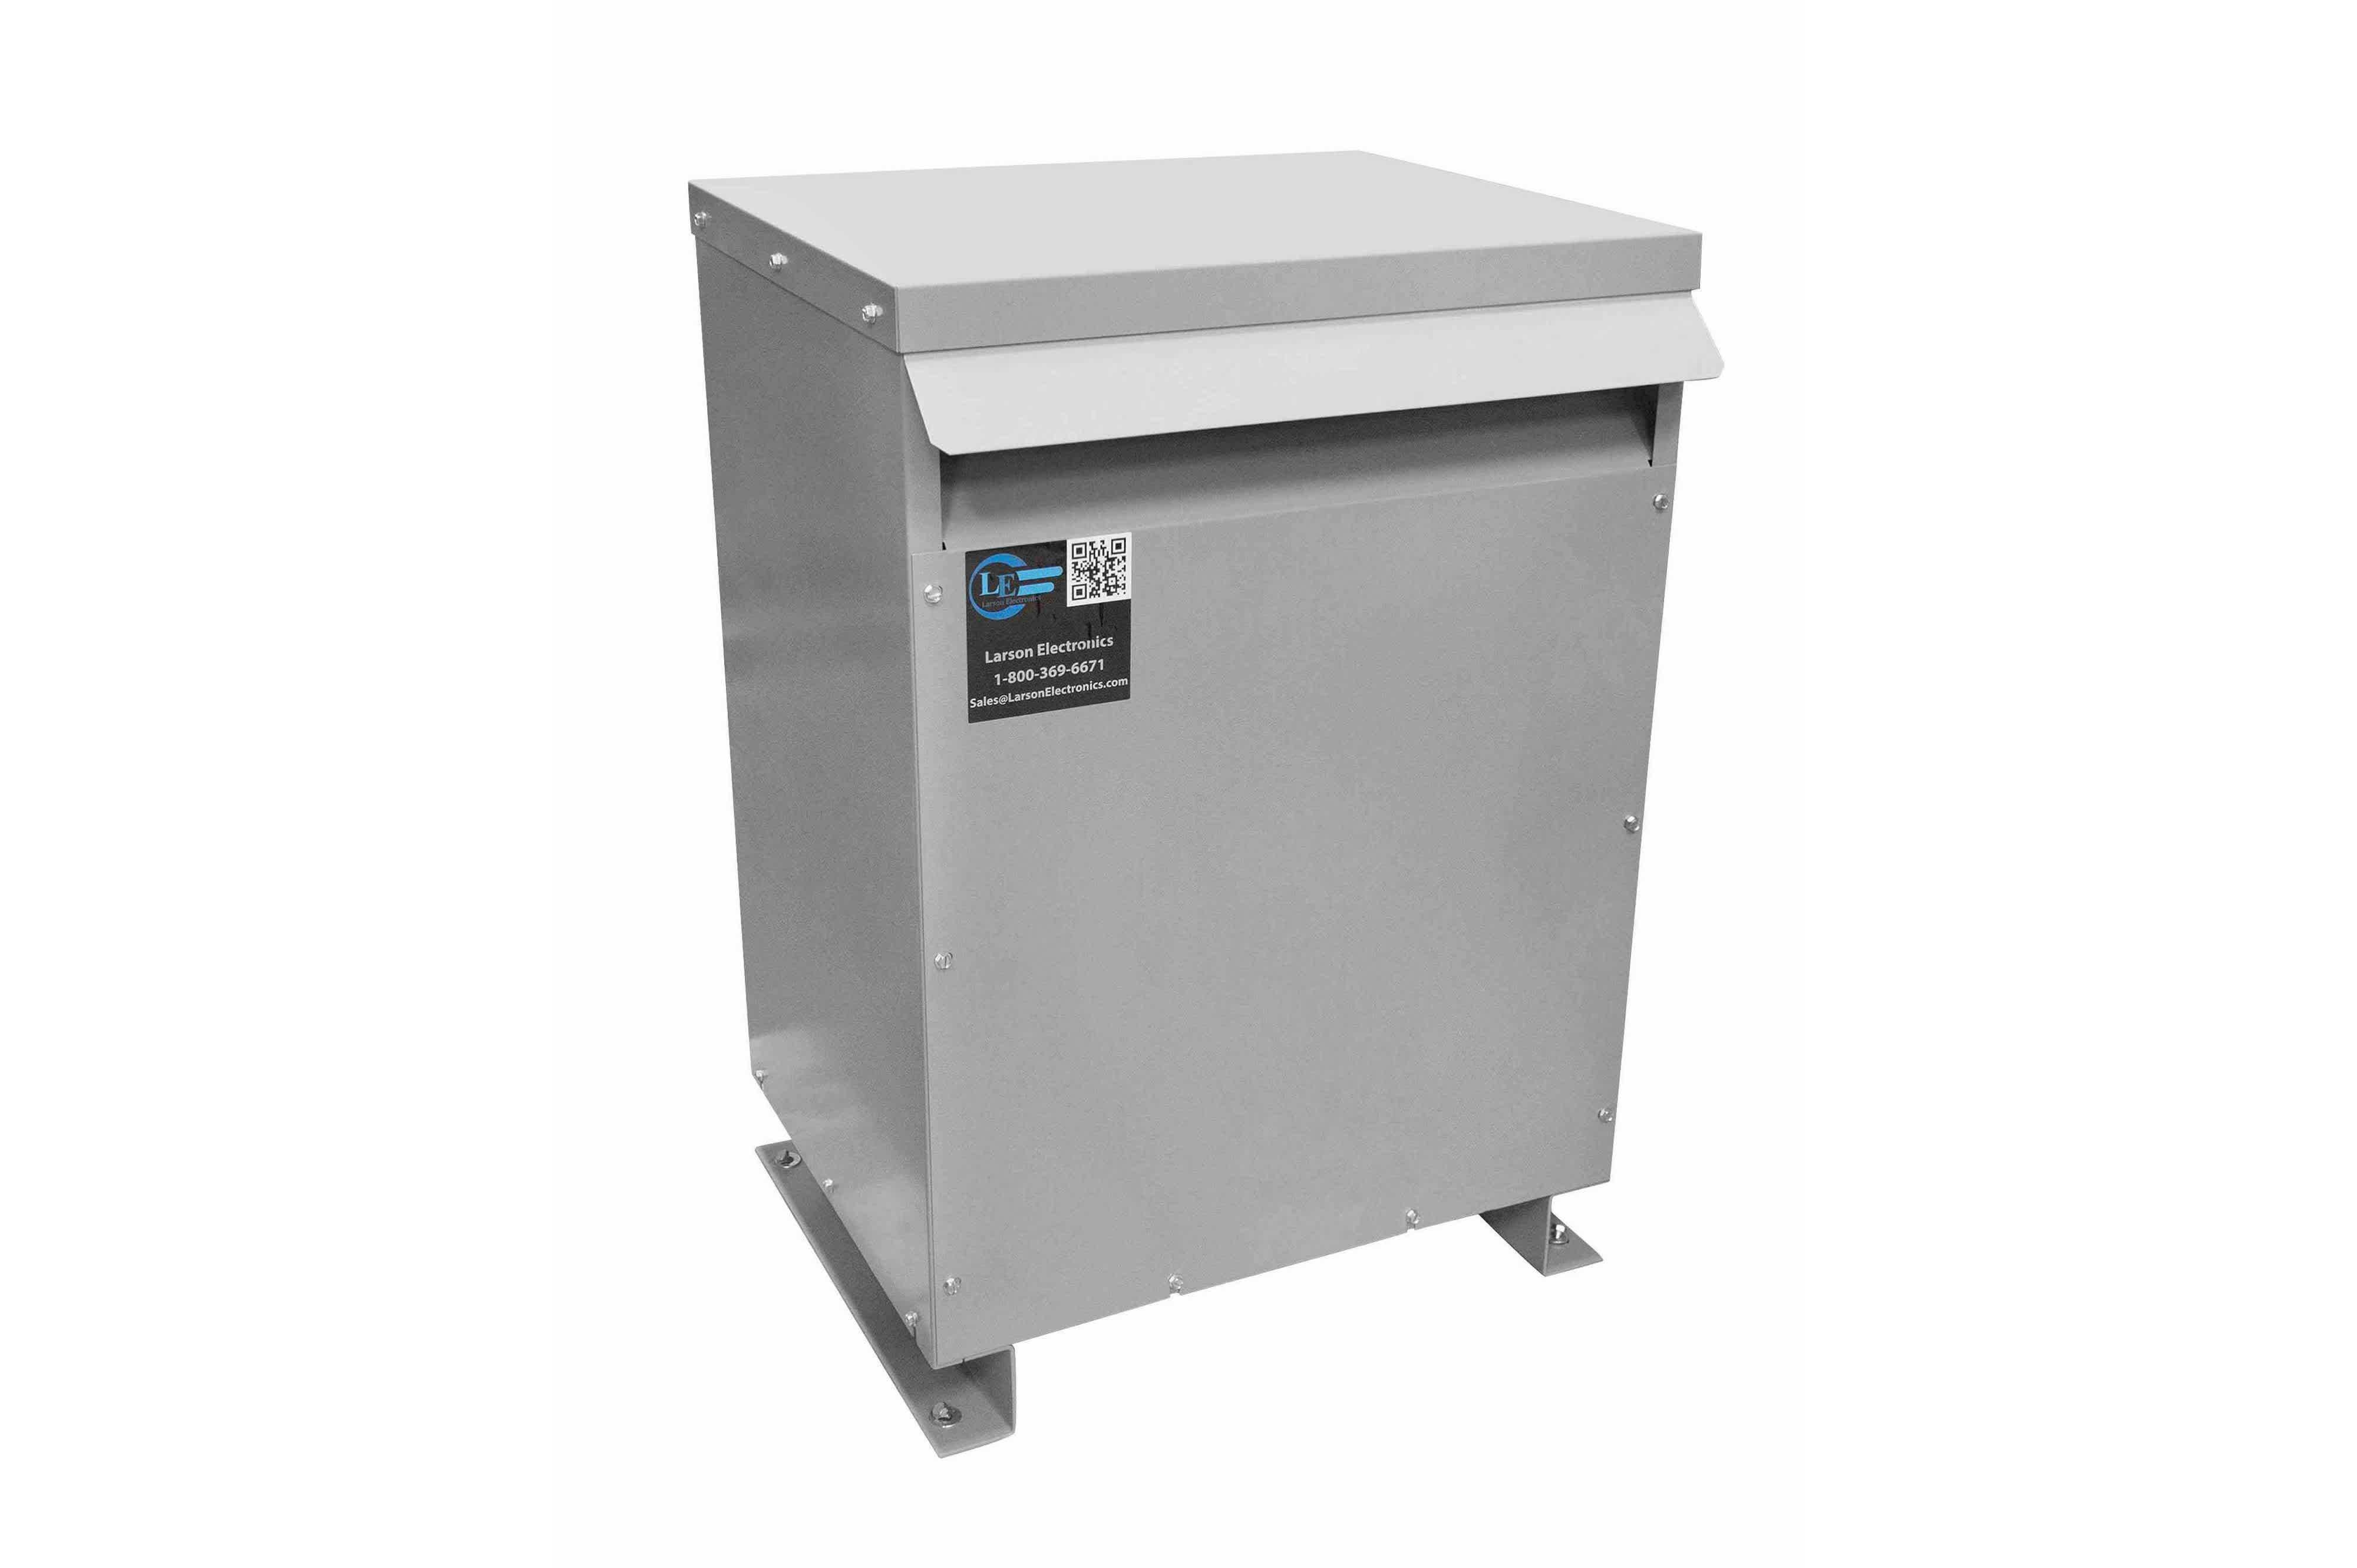 115 kVA 3PH Isolation Transformer, 415V Delta Primary, 240 Delta Secondary, N3R, Ventilated, 60 Hz